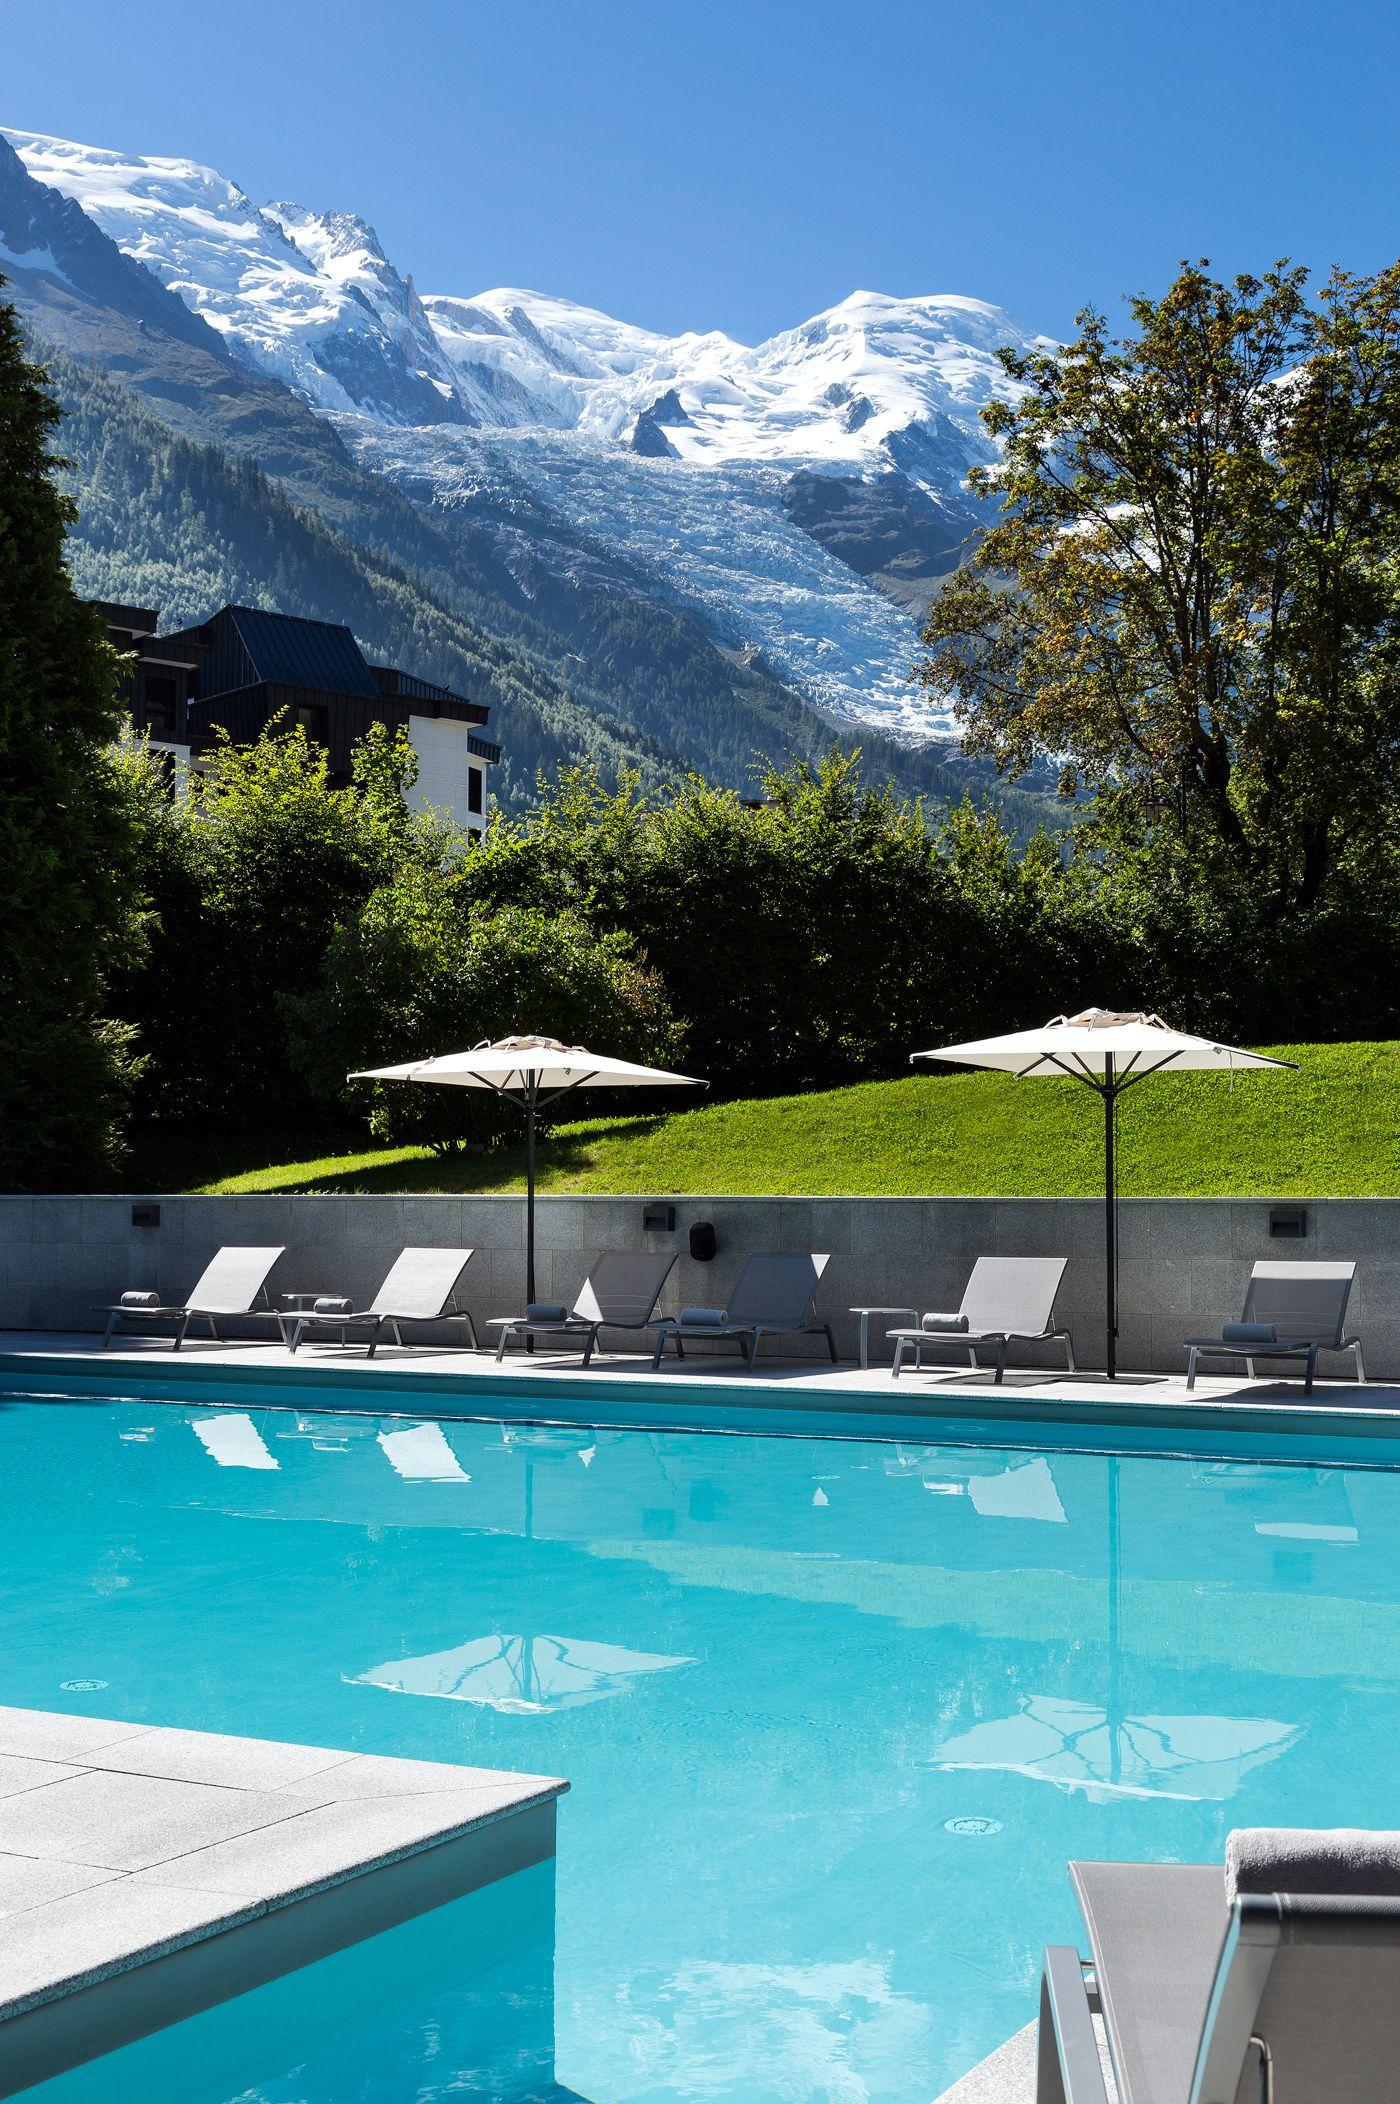 Lu0027Hôtel Mont Blanc à Chamonix #Piscine #Montagne #Soleil #Transat